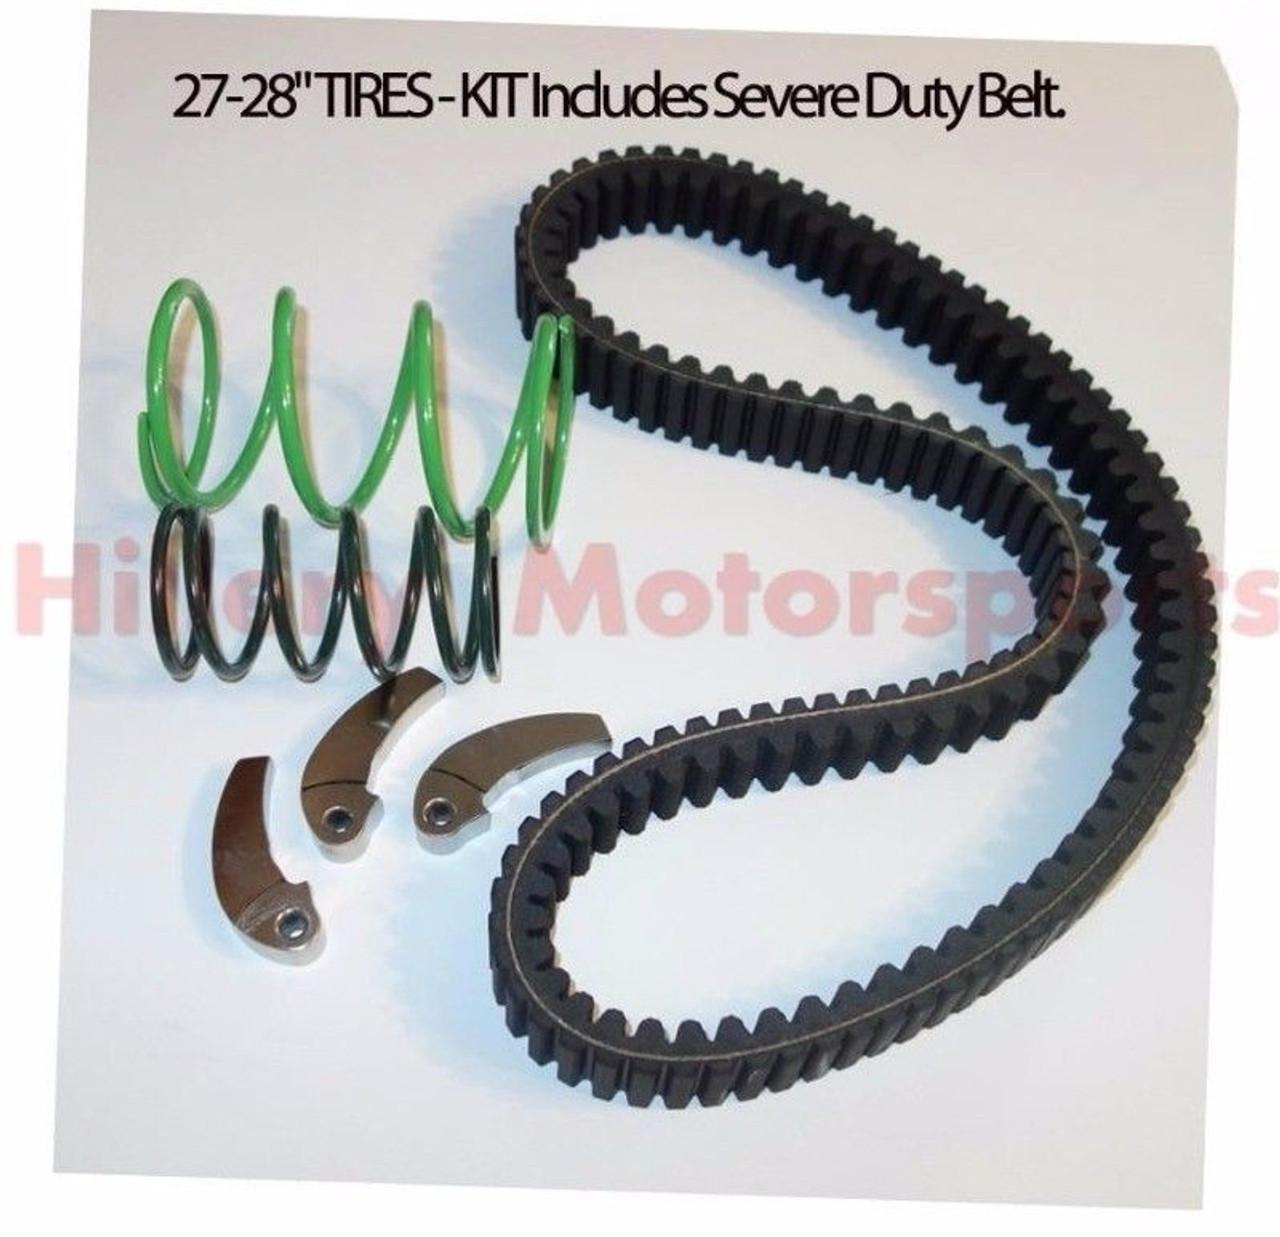 EPI Utility Clutch Kit 27-28